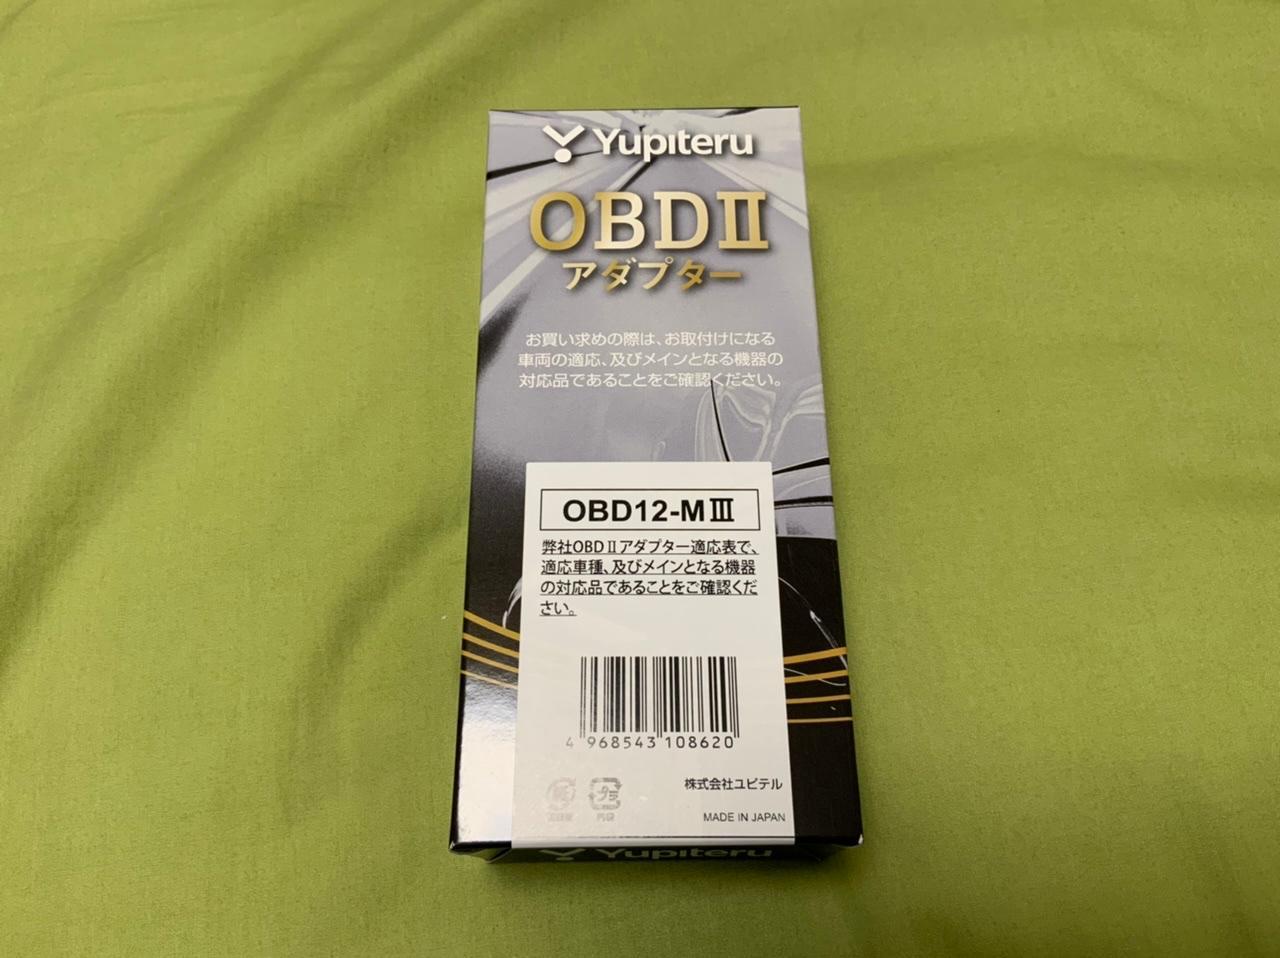 Yupiteru OBD 12-MⅢ